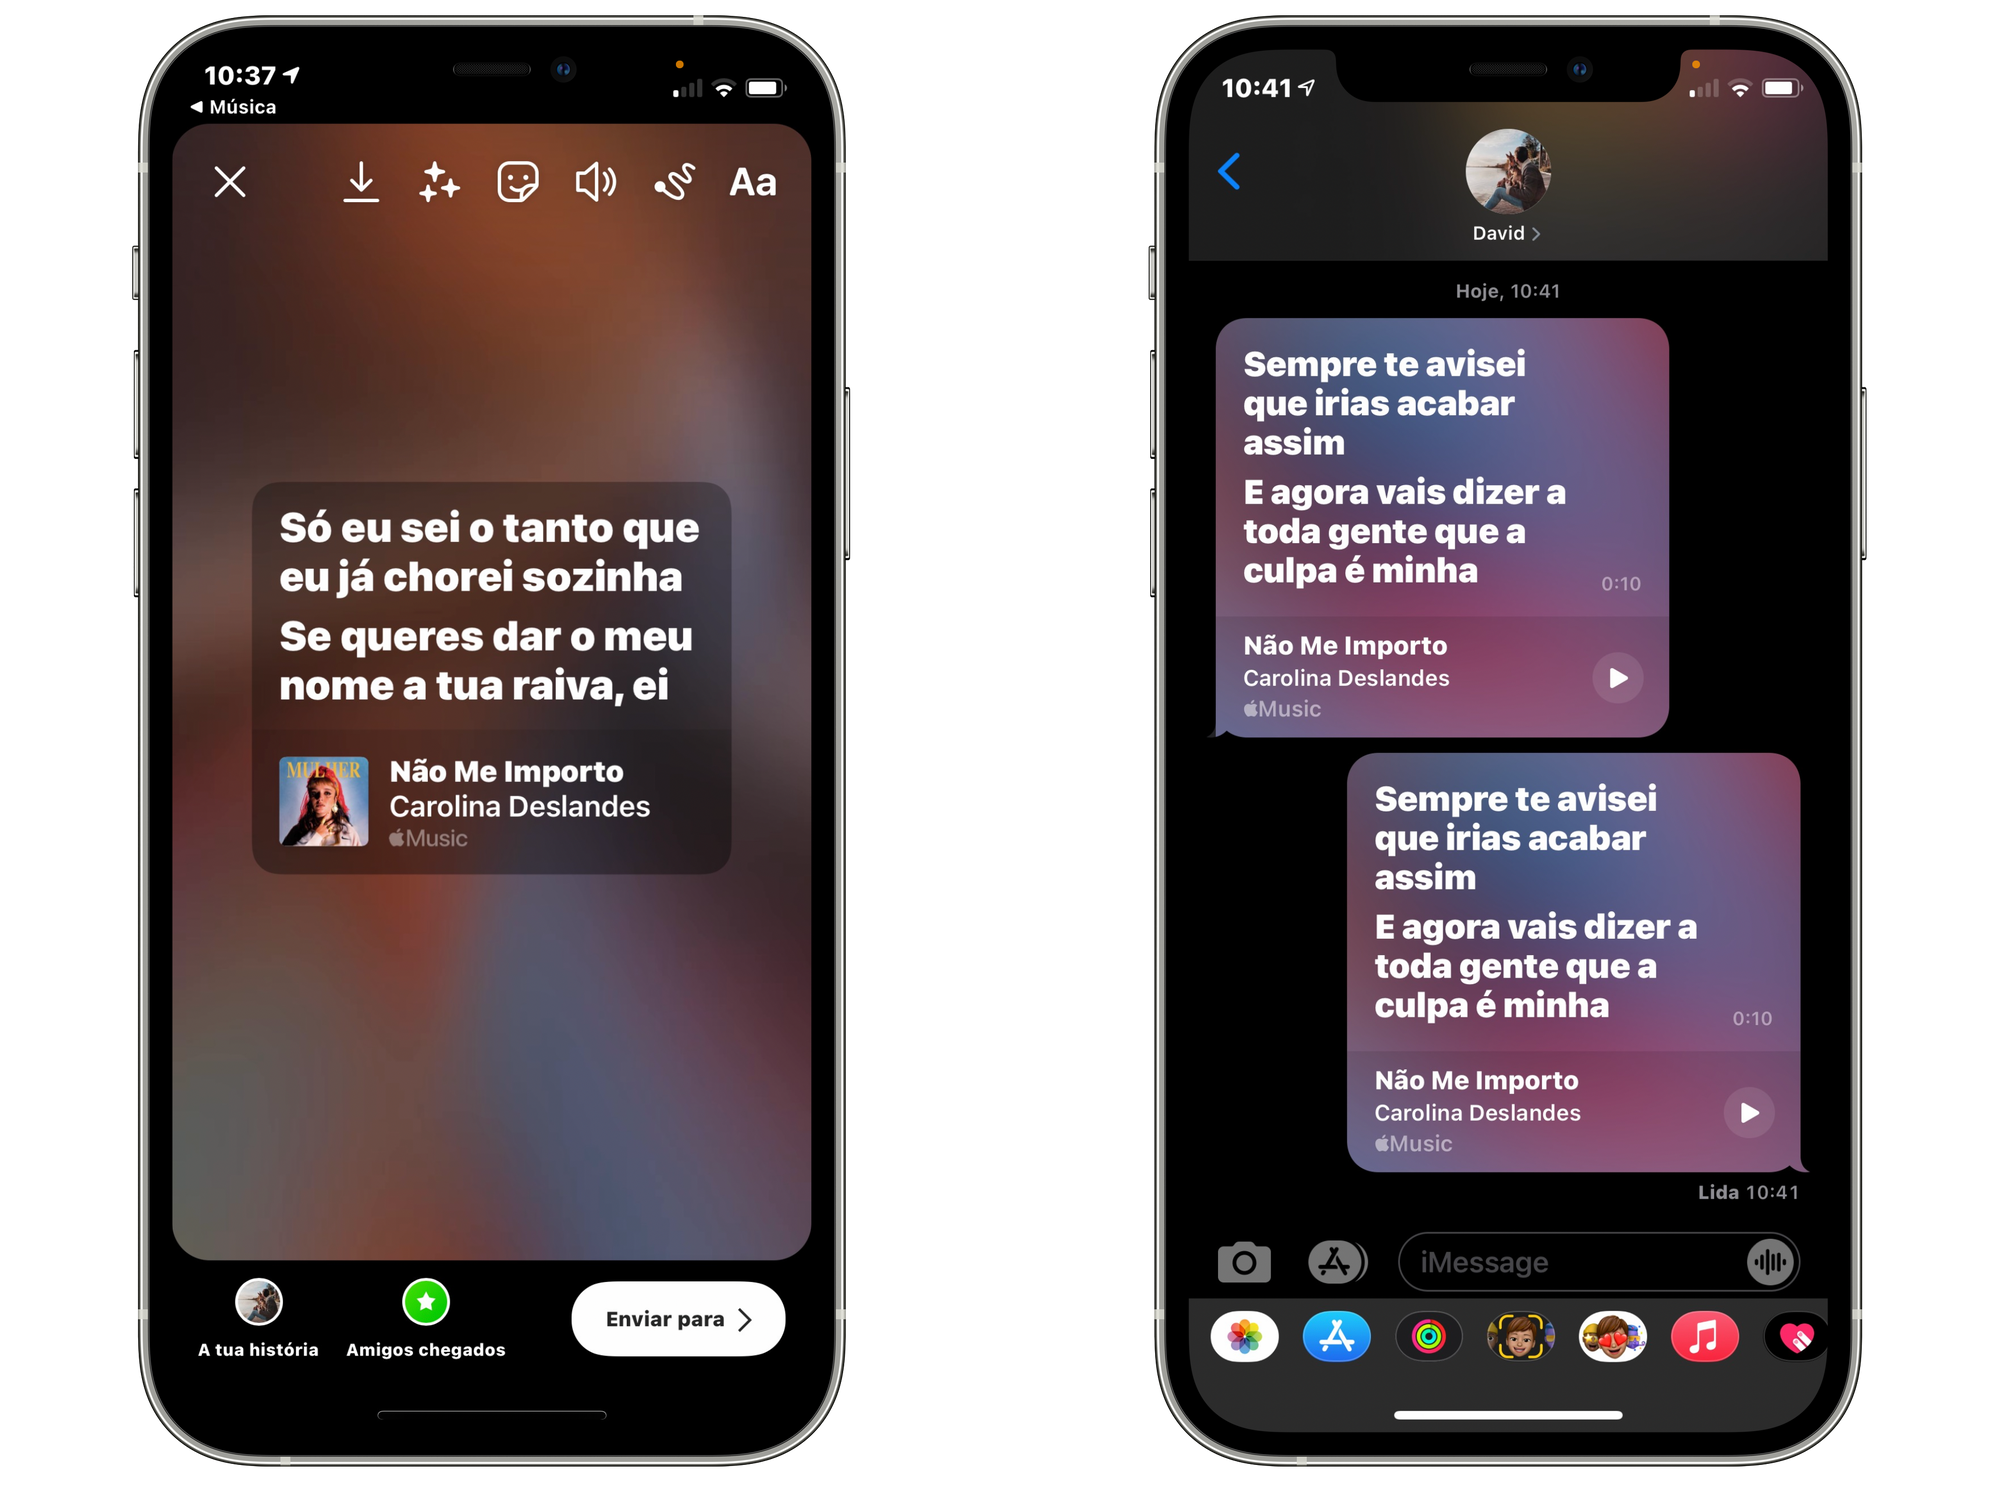 Partilha da letra no Instagram e iMessage através da aplicação Música no iOS 14.5